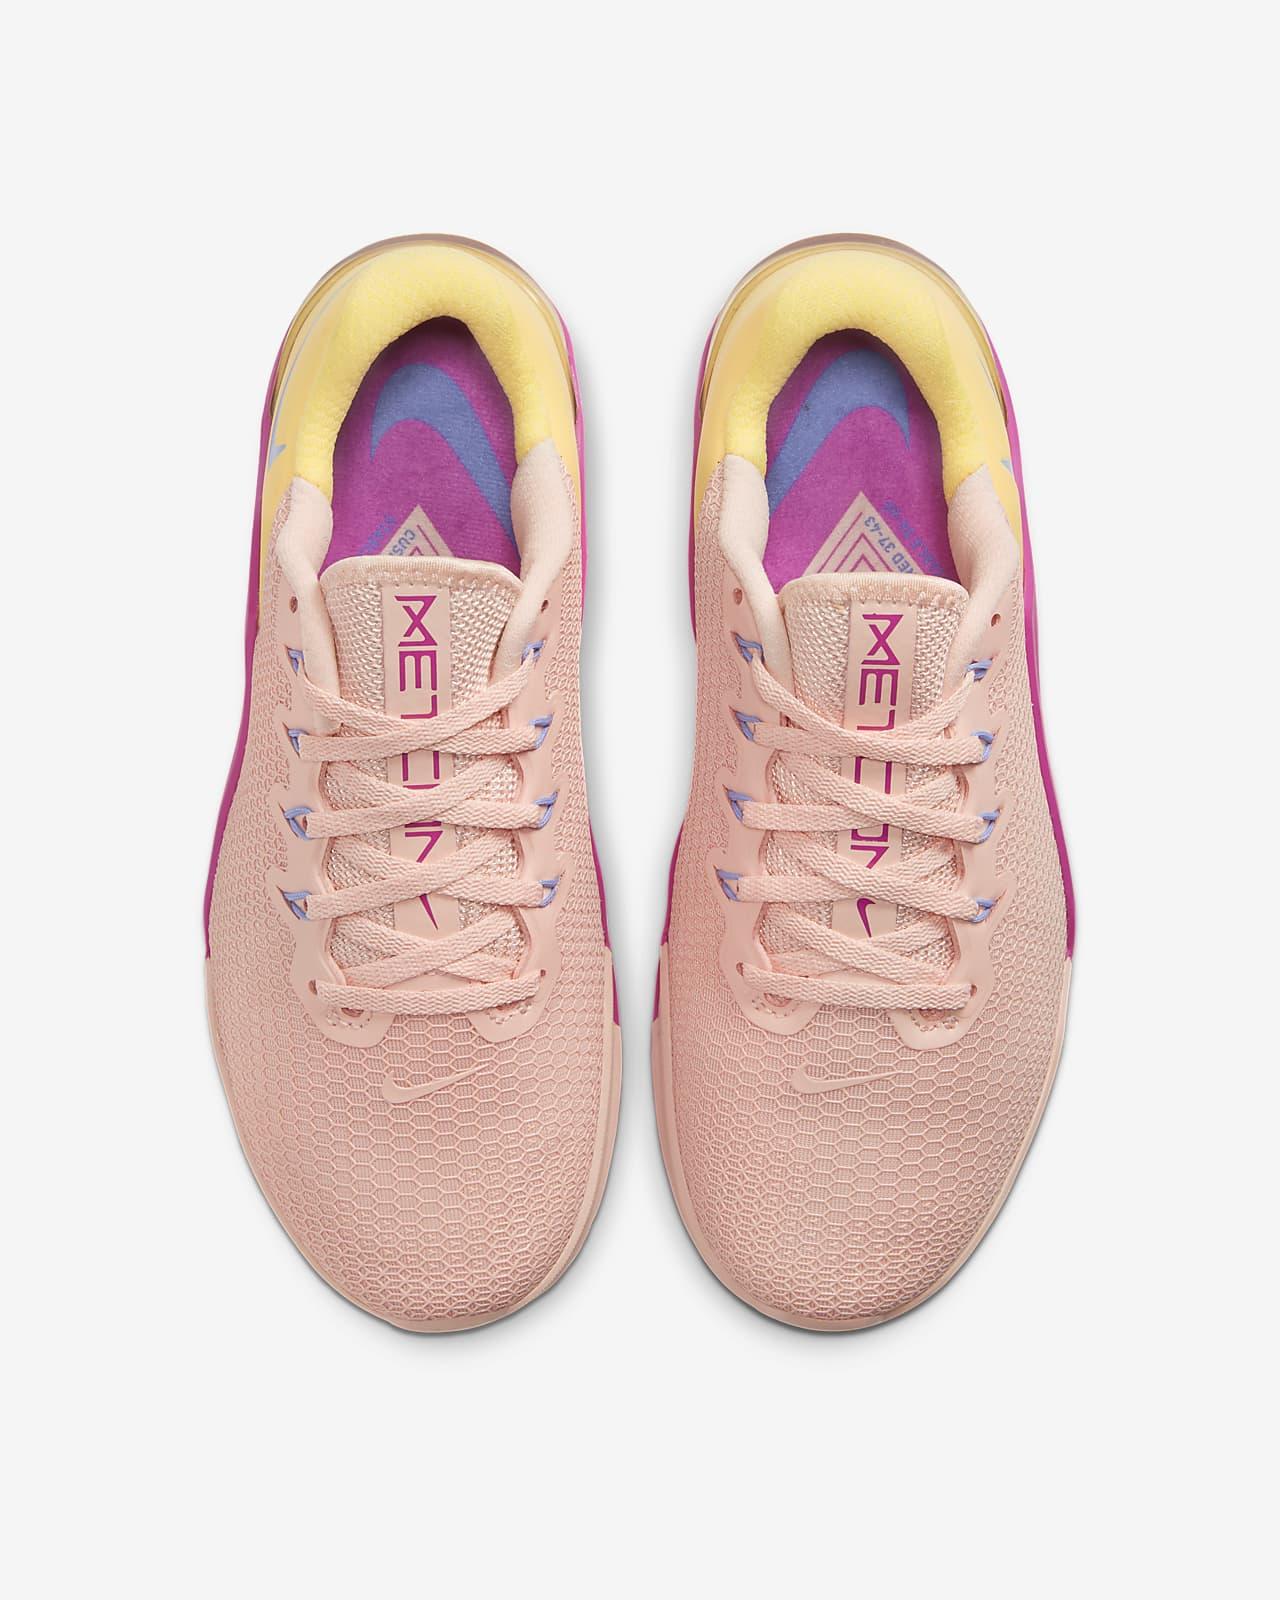 color grosor Desgracia  Calzado de entrenamiento para mujer Nike Metcon 5. Nike MX